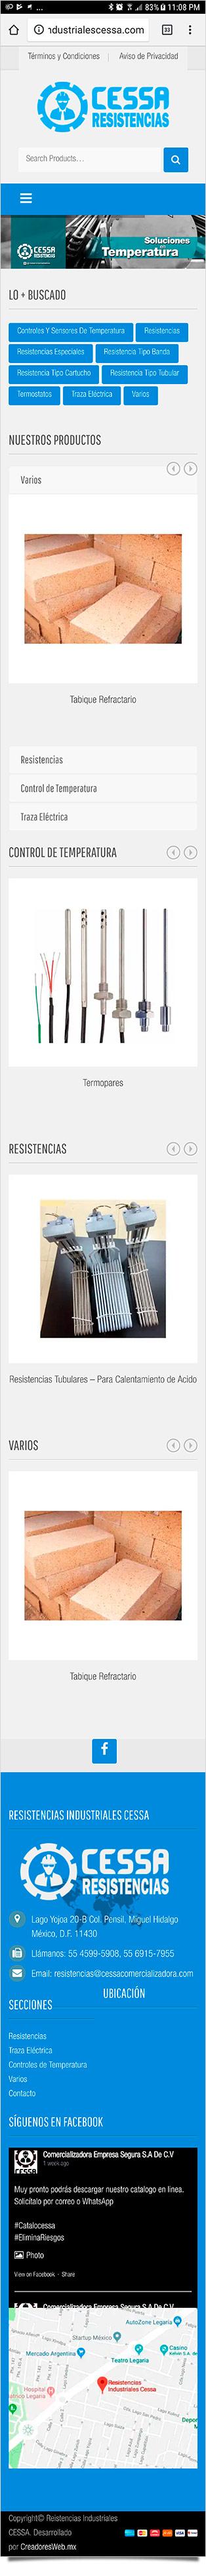 Resistencias Industriales CESSA - Diseño y Desarrollo de Tienda en Línea - CreadoresWeb.mx